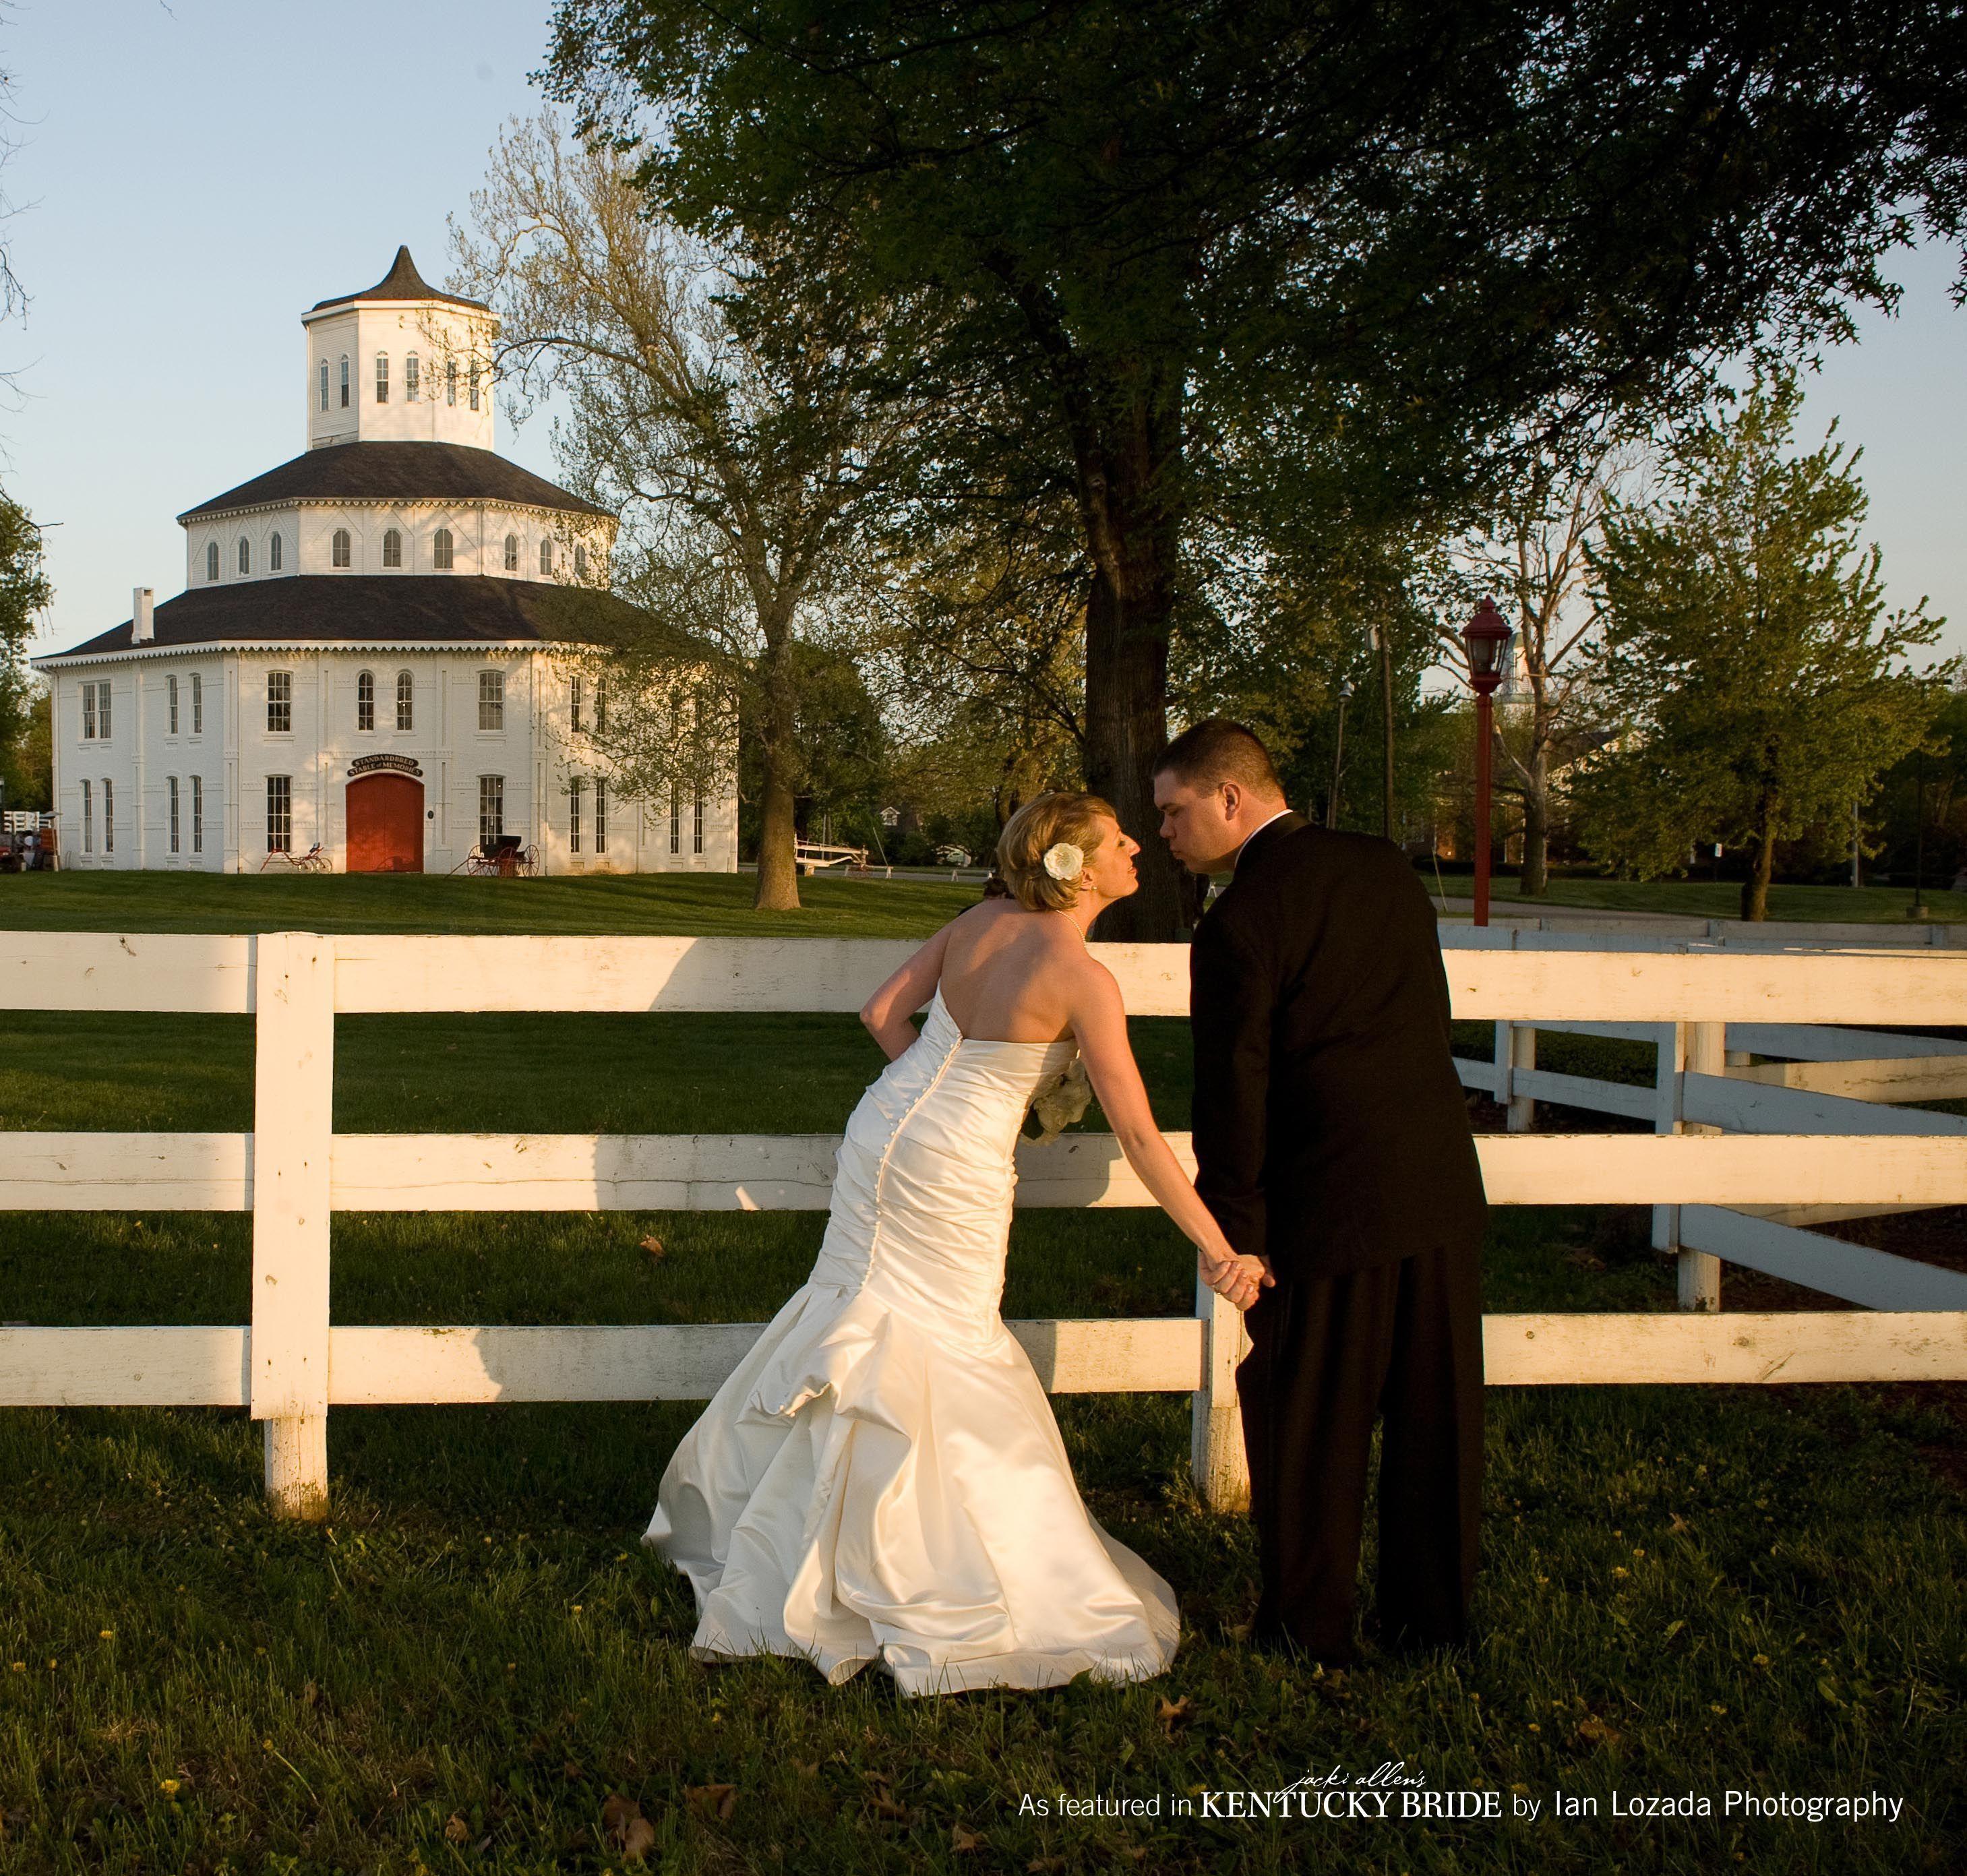 April 17, 2010. Real Kentucky Wedding